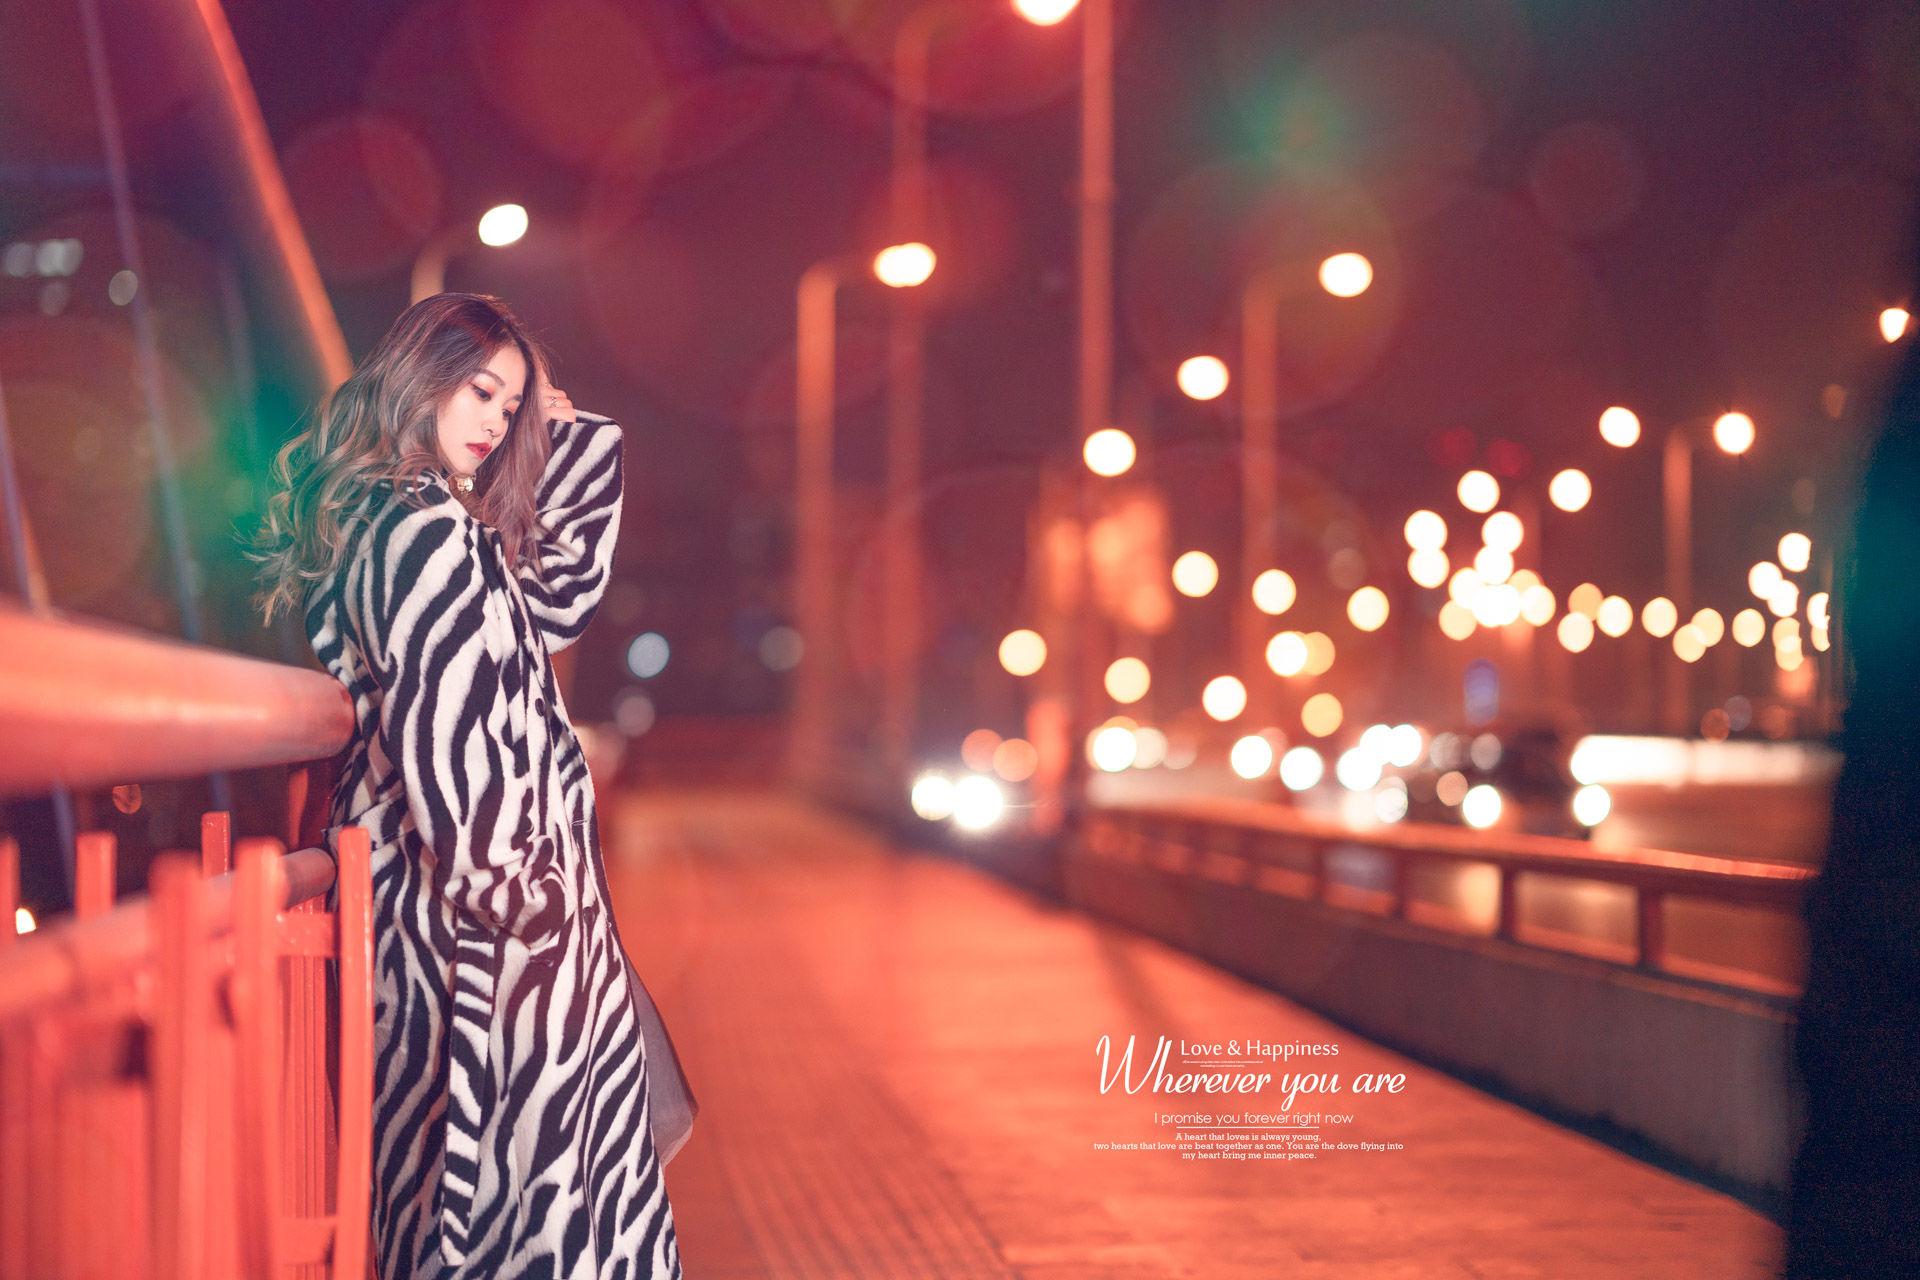 2019-01-22 漢中路高架夜景_攝影師晦恩 模特十八